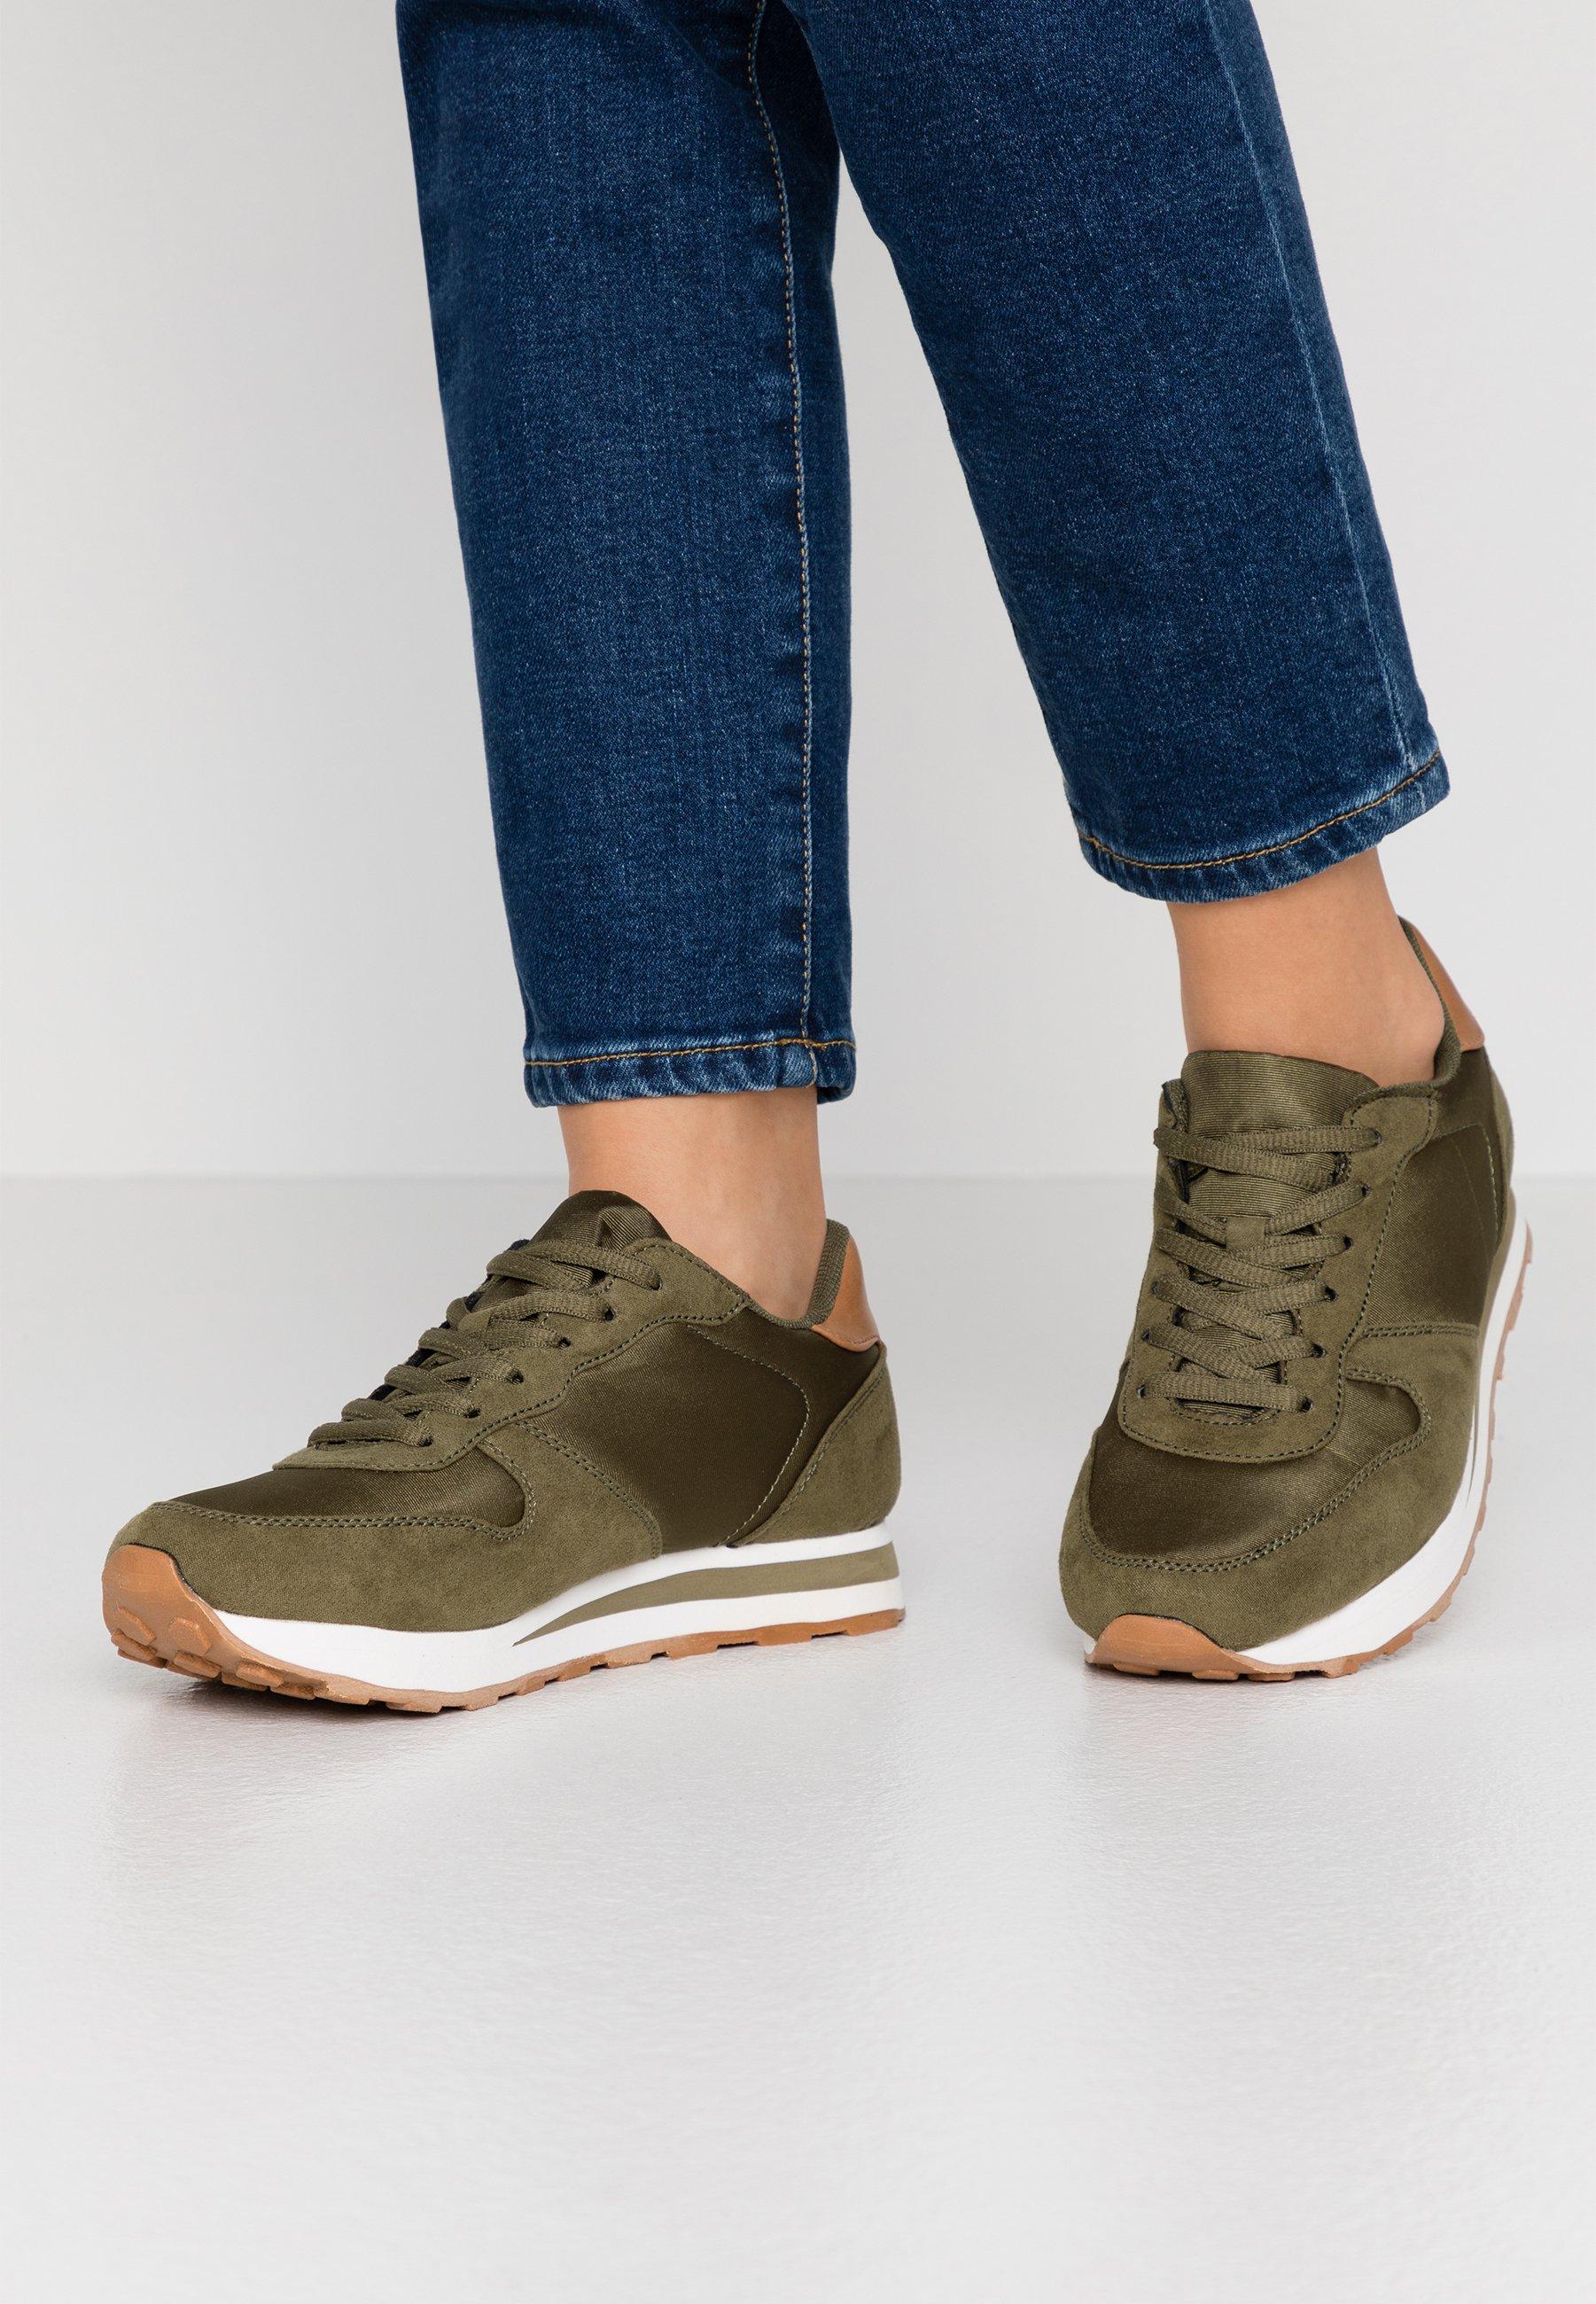 Olivengrønne Ankelstøvletter | Sko til Dame | Sko og